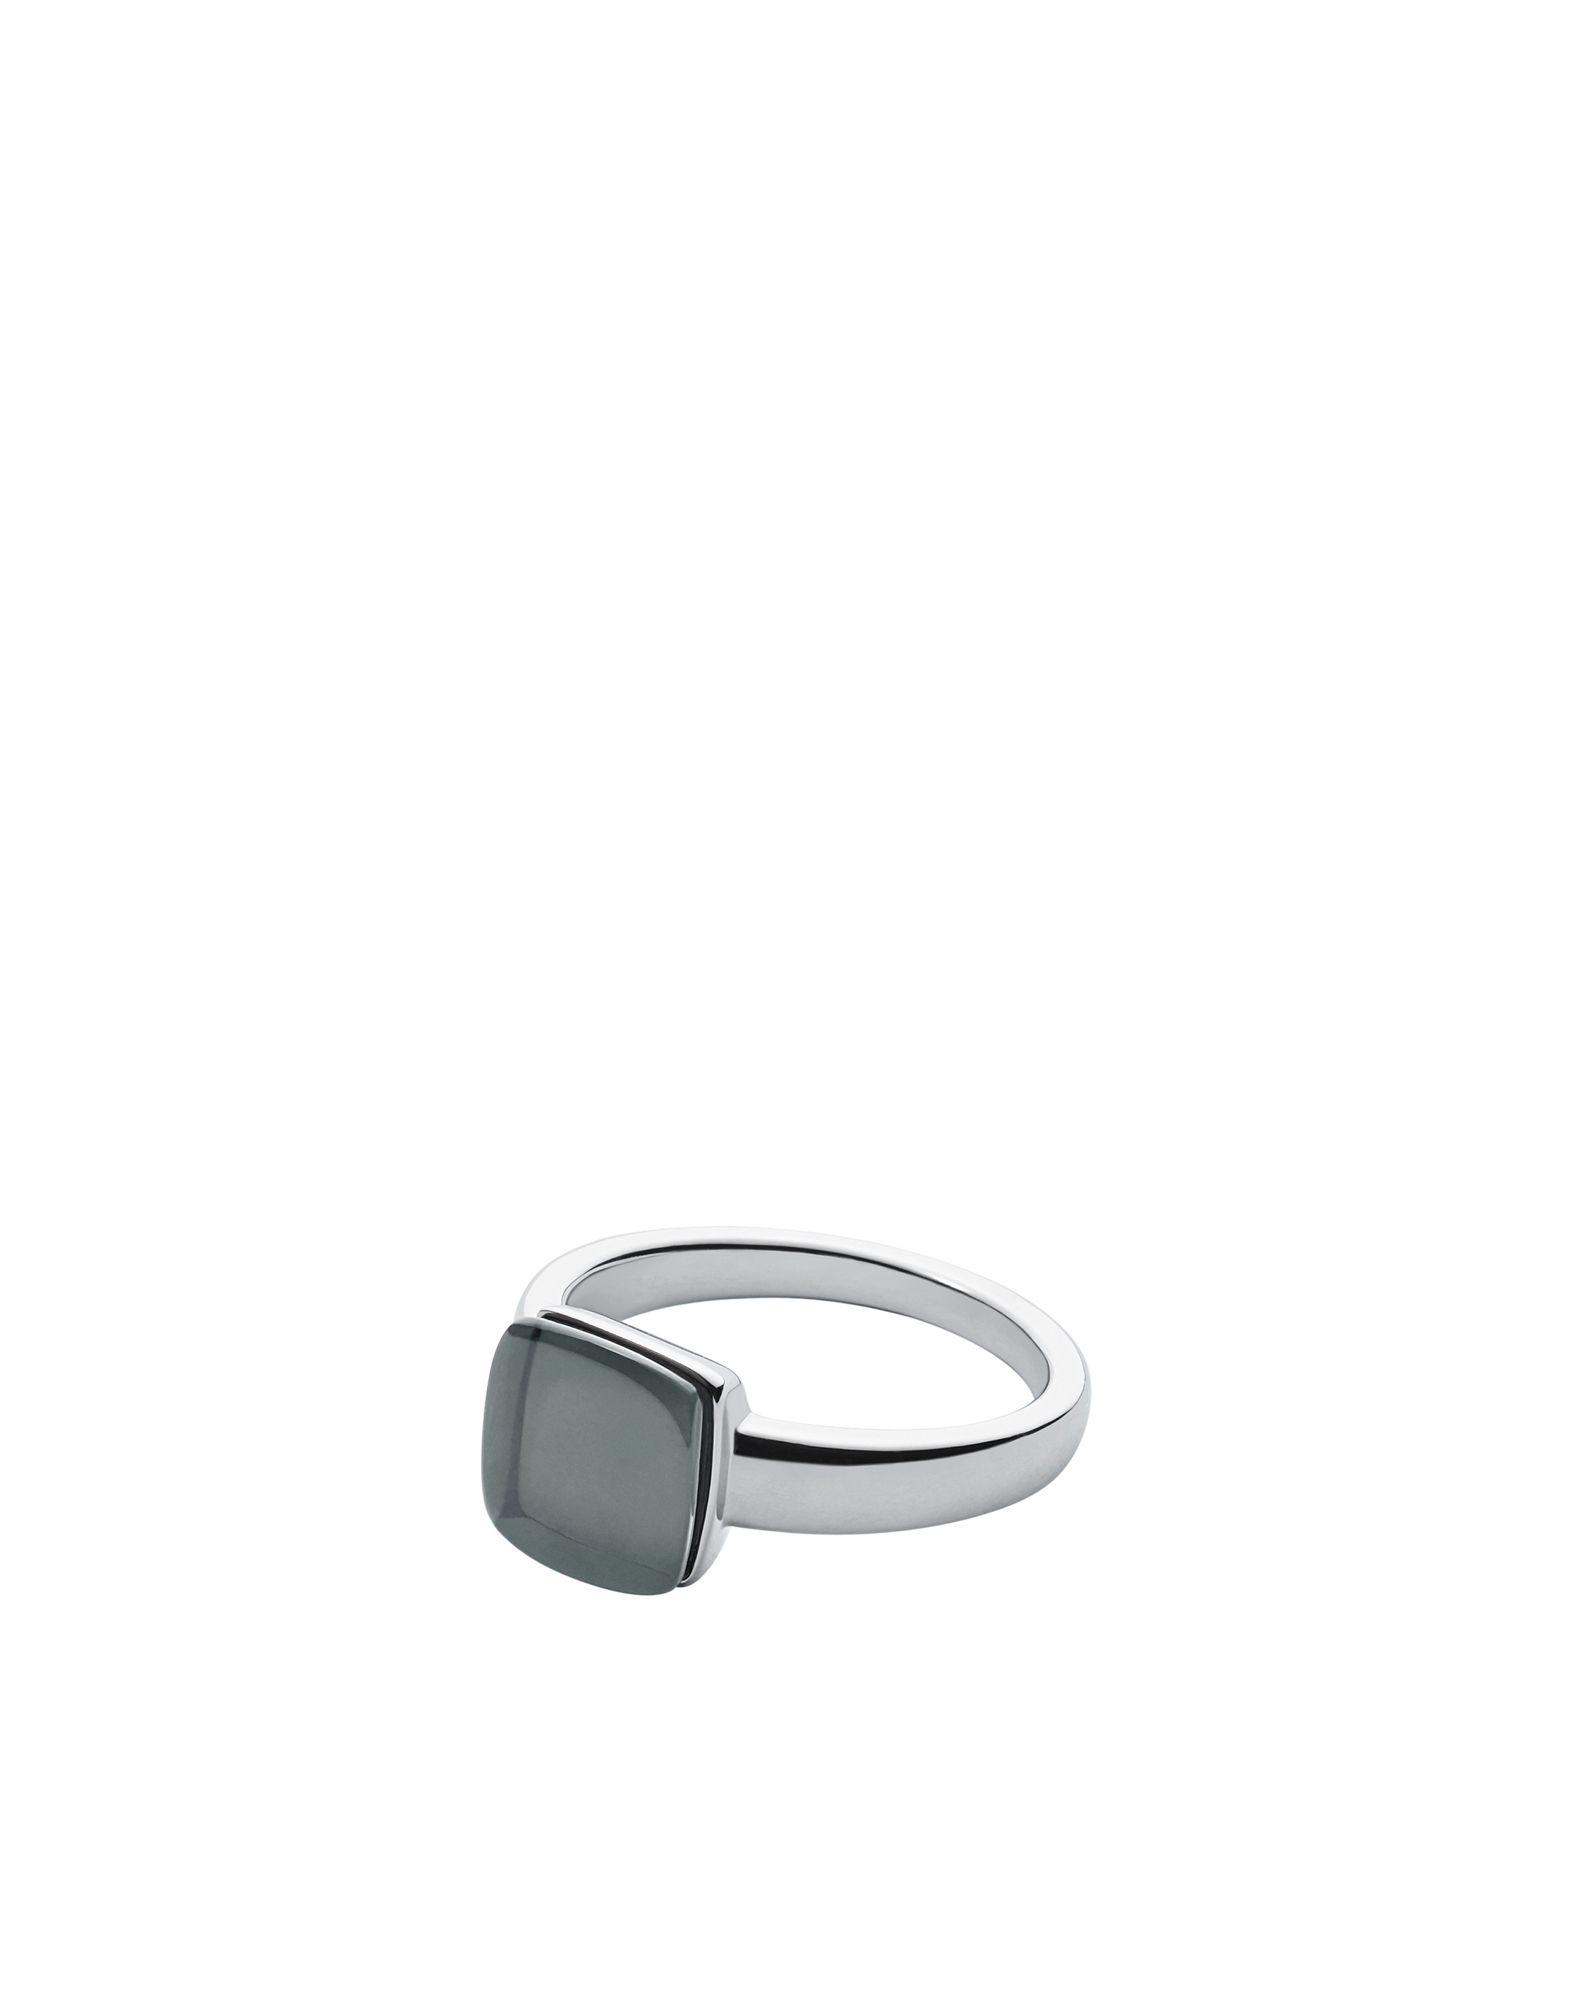 《送料無料》SKAGEN DENMARK レディース 指輪 ブルーグレー 10 ステンレススチール / ガラス SEA GLASS